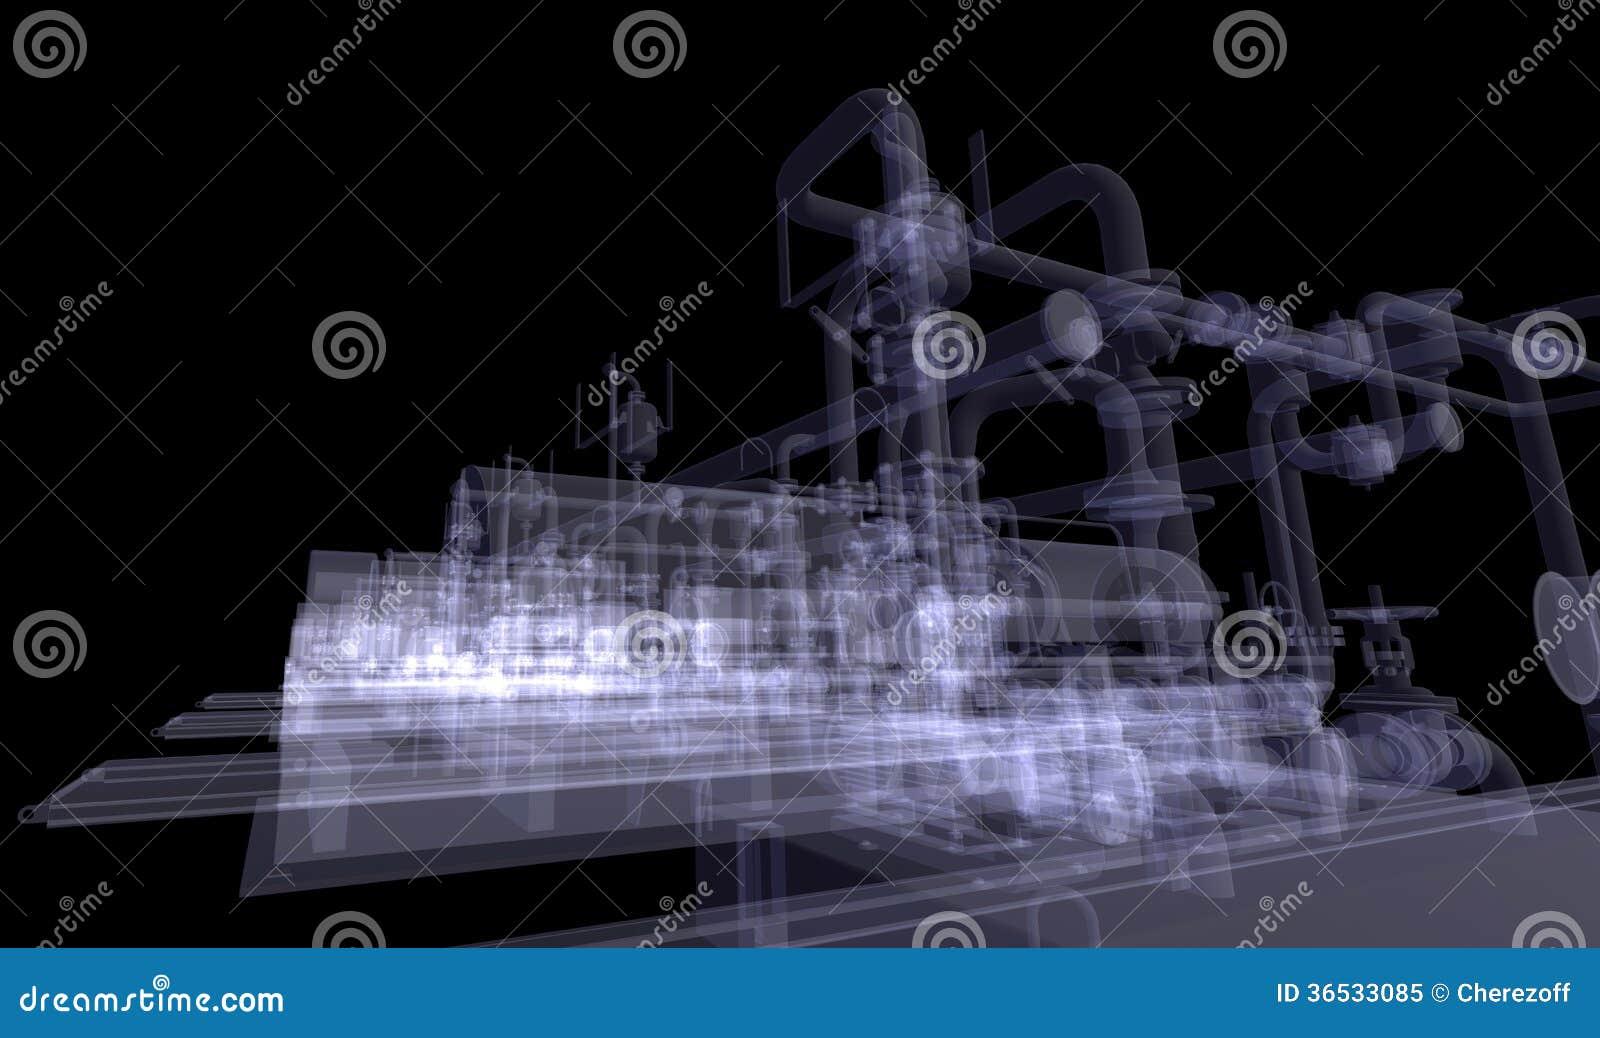 Βιομηχανικός εξοπλισμός. Η ακτίνα X δίνει